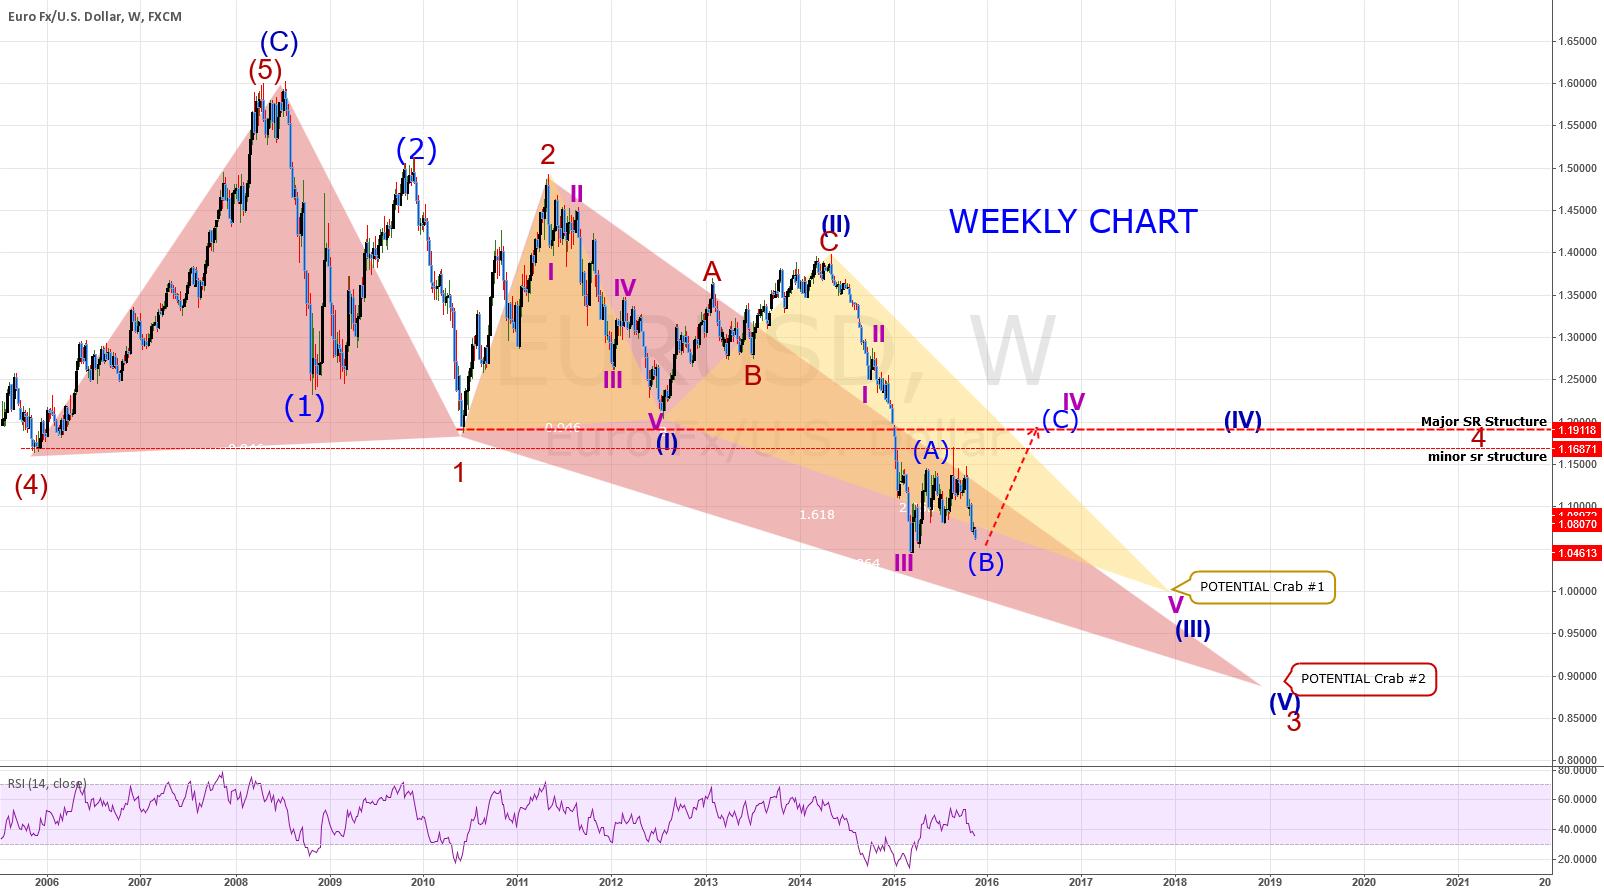 EURUSD: WEEKLY Chart